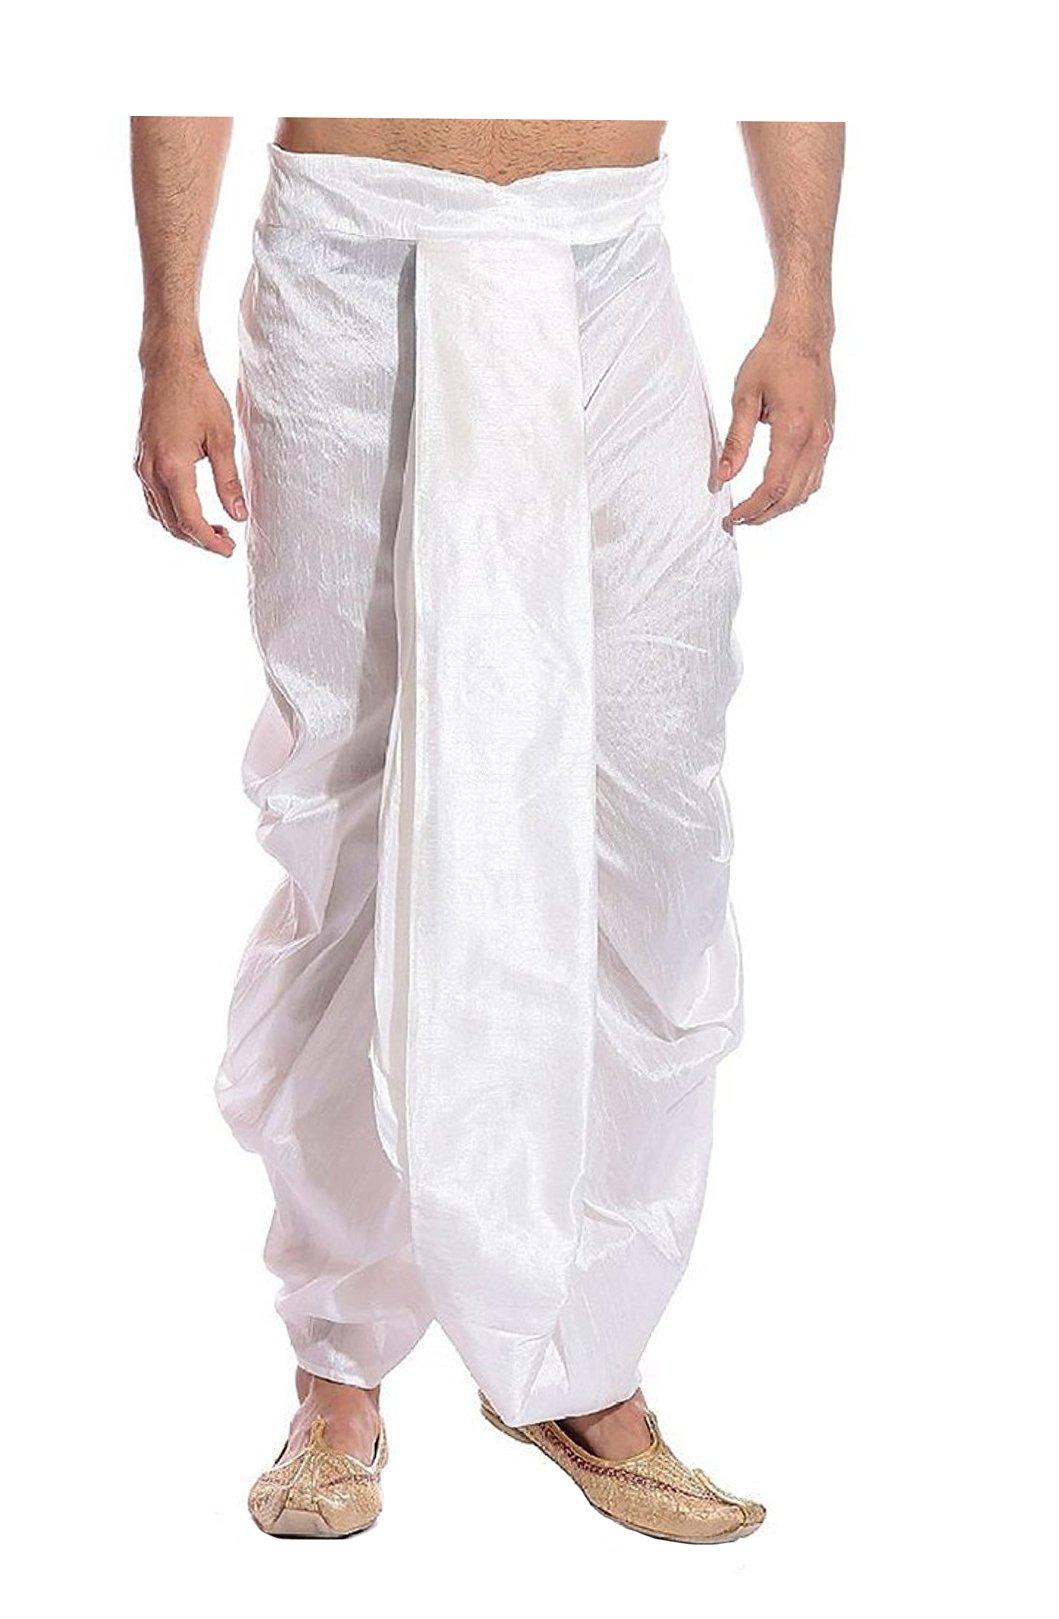 Royal Kurta Men's Art Silk Fine Quality Ready To Wear Dhoti pants Free Size White